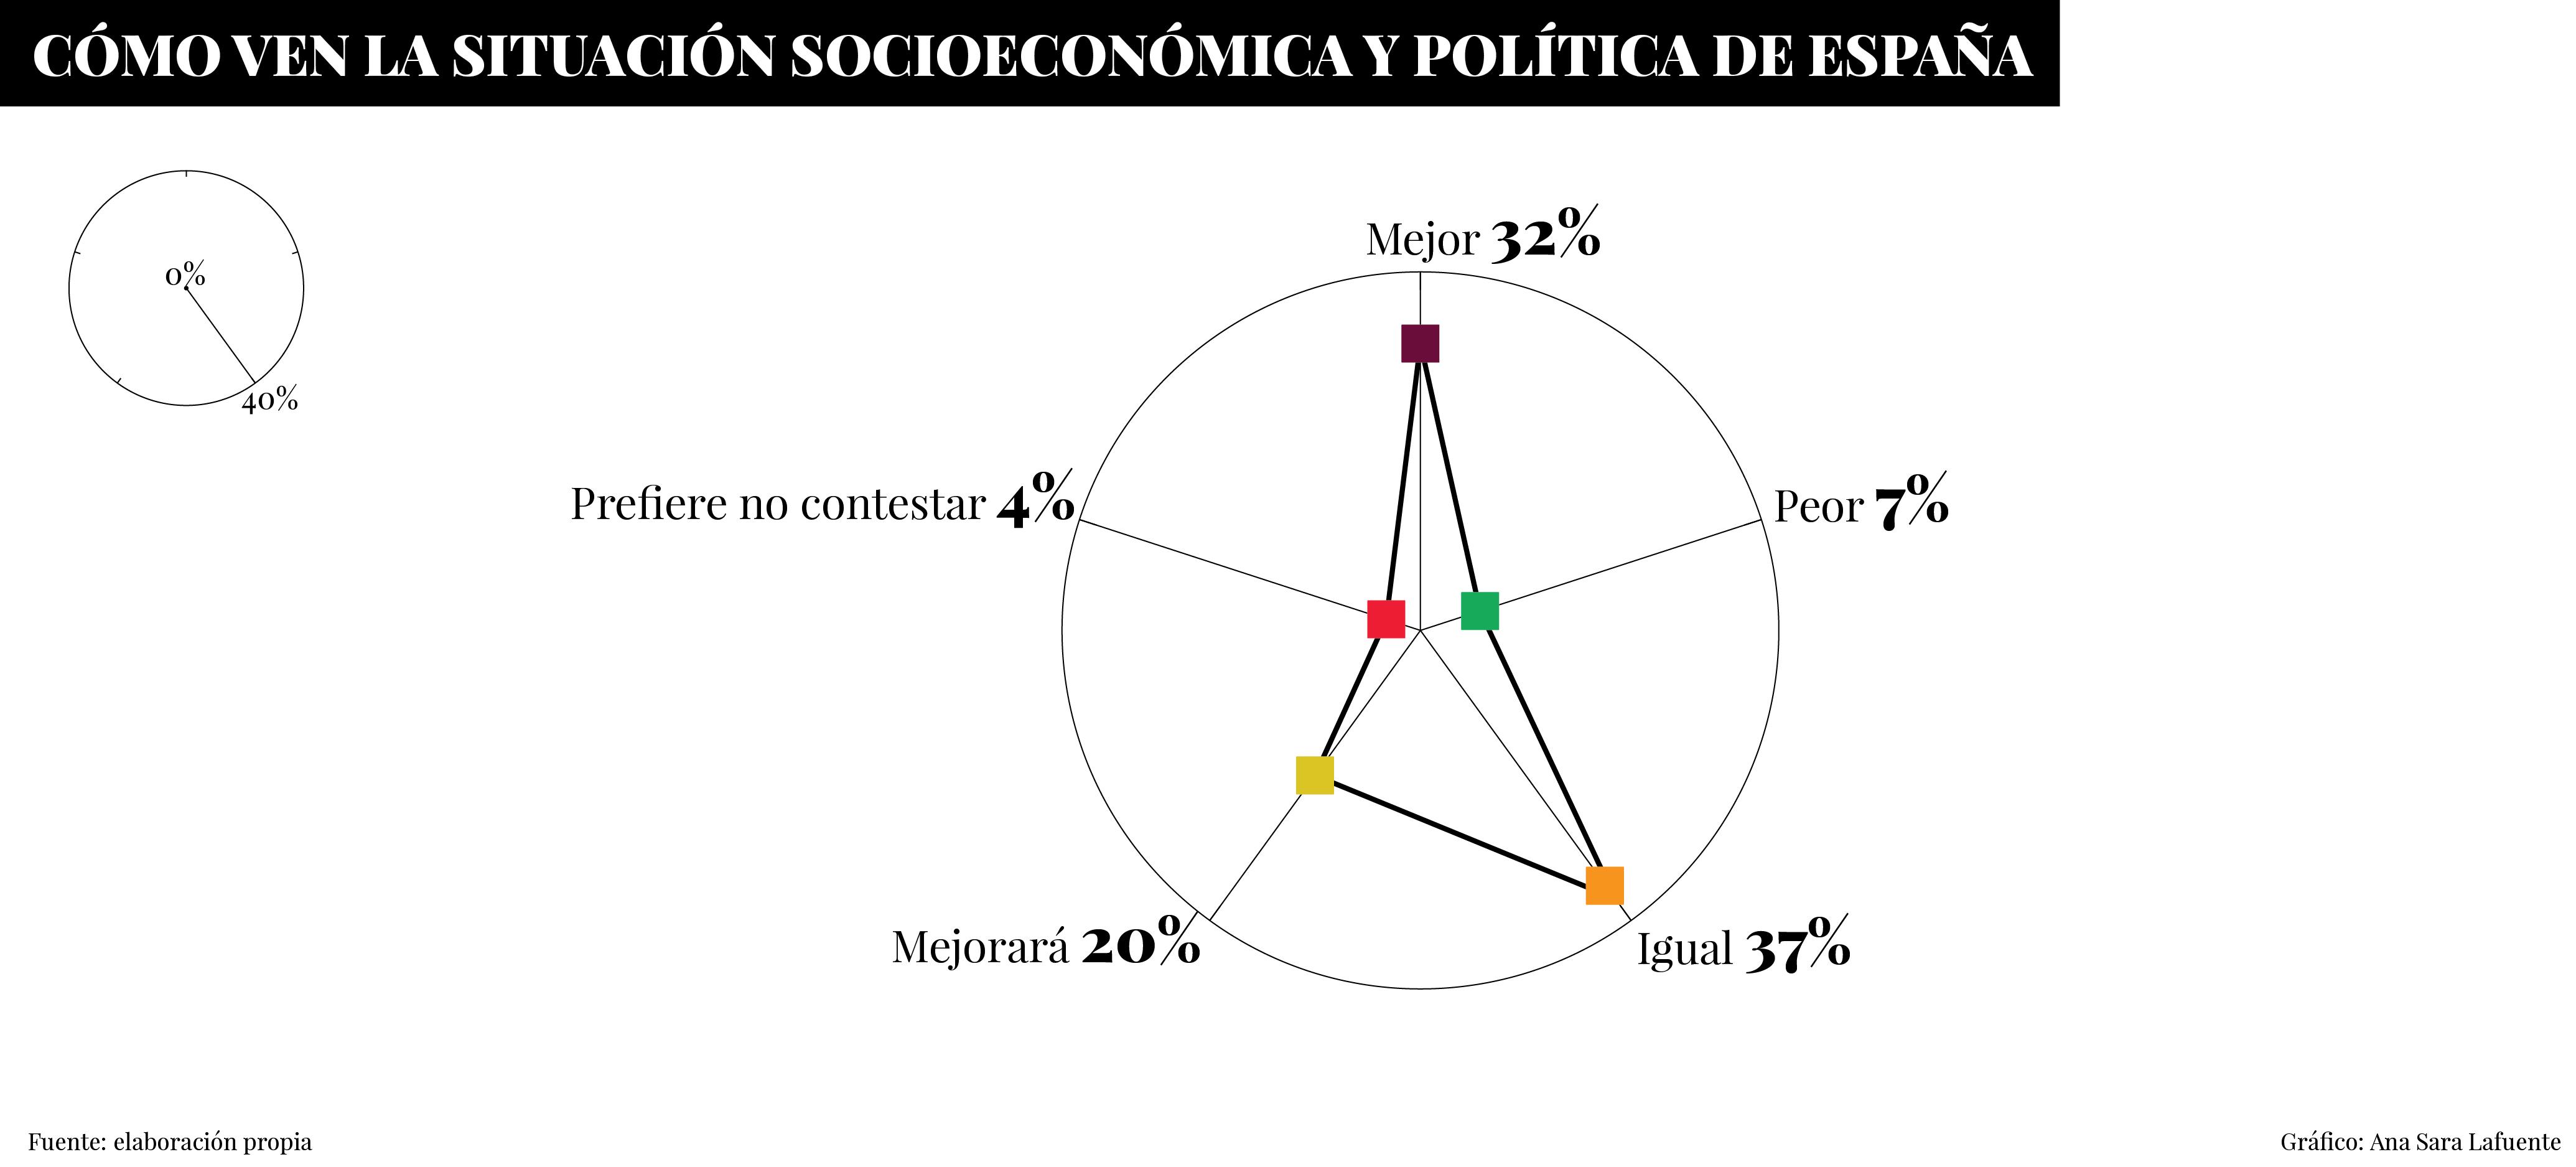 Gráfico - Cómo ven la situación socioeconómica y política de España ('Sueños Rotos' - Fundación porCausa).